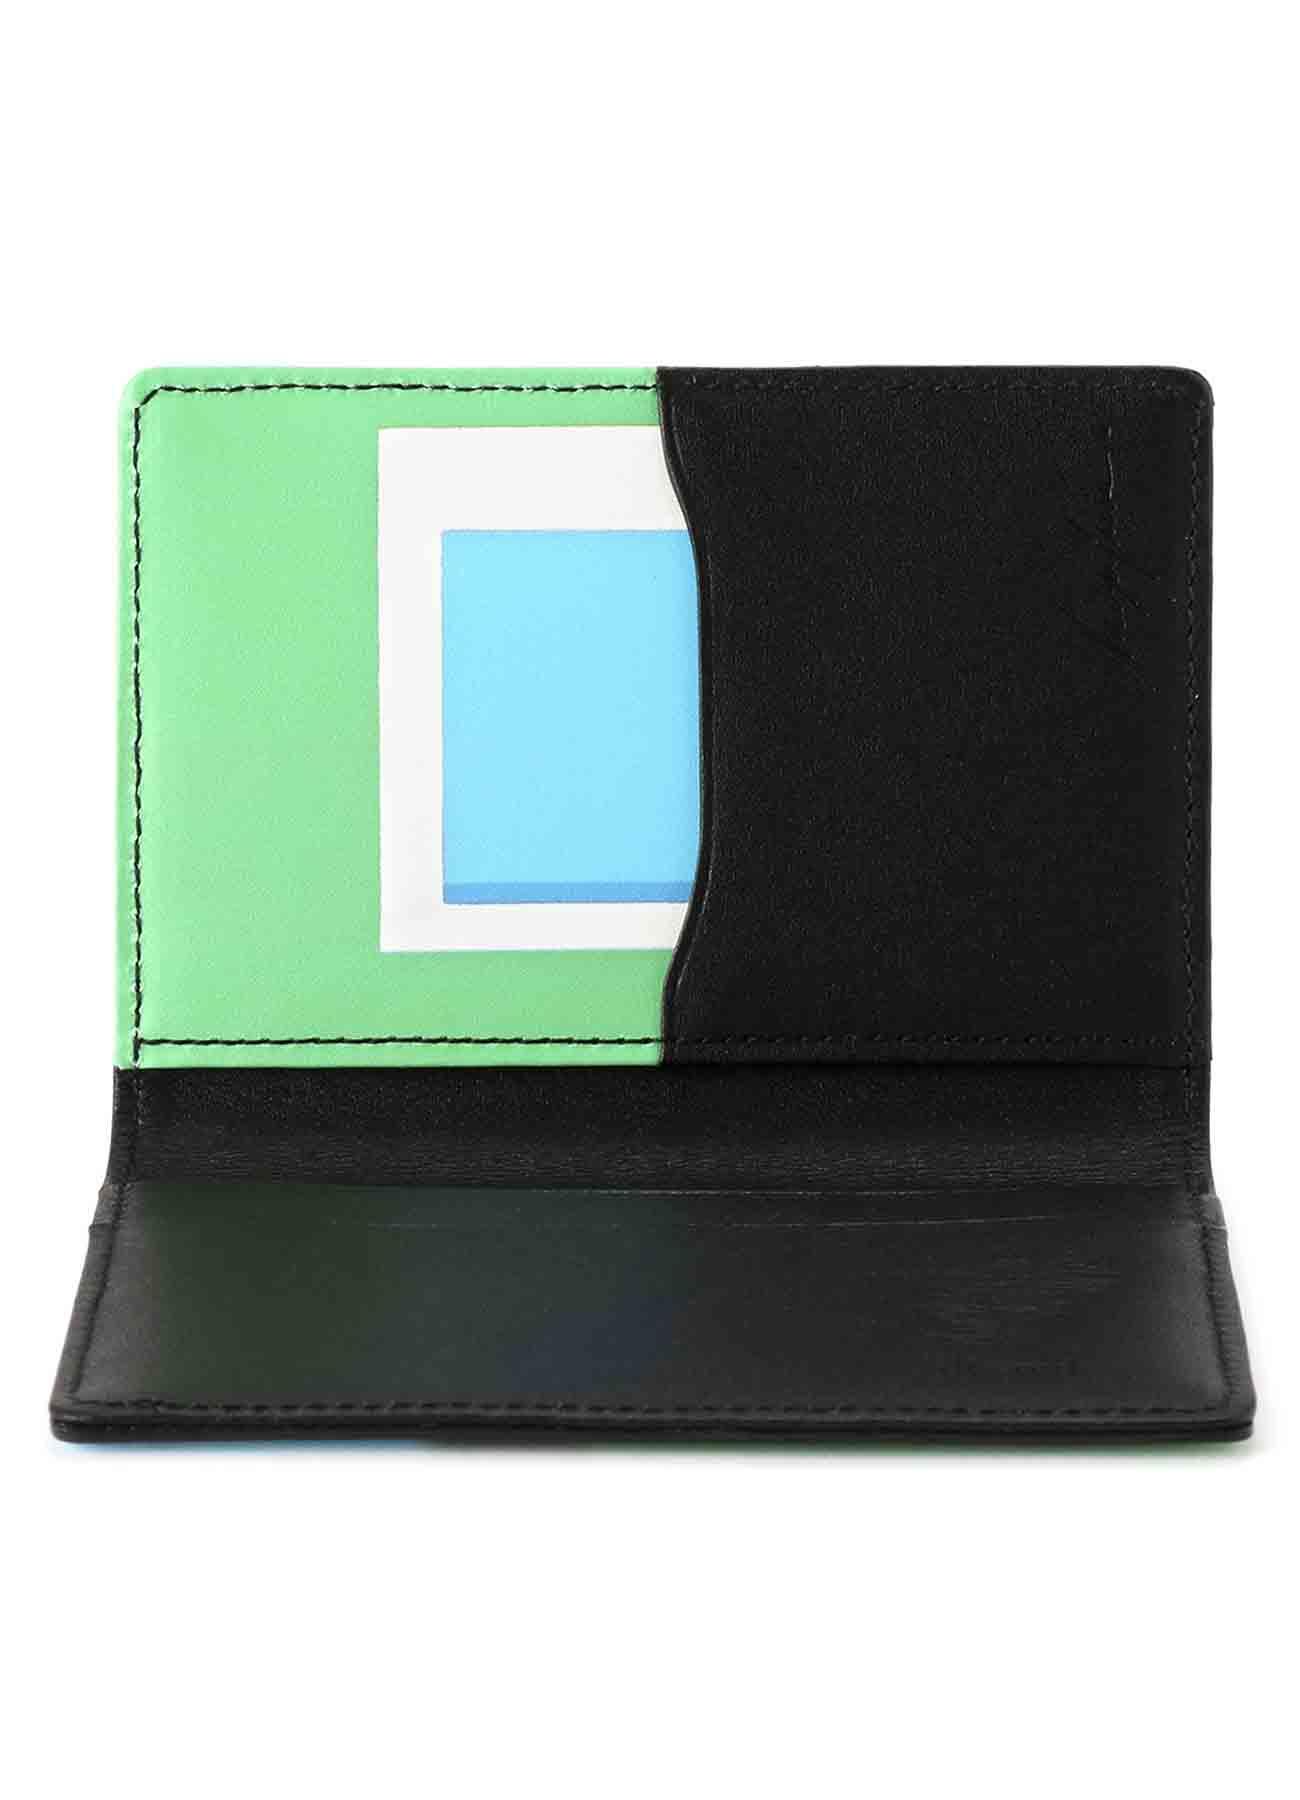 Card Holder - Entrust you